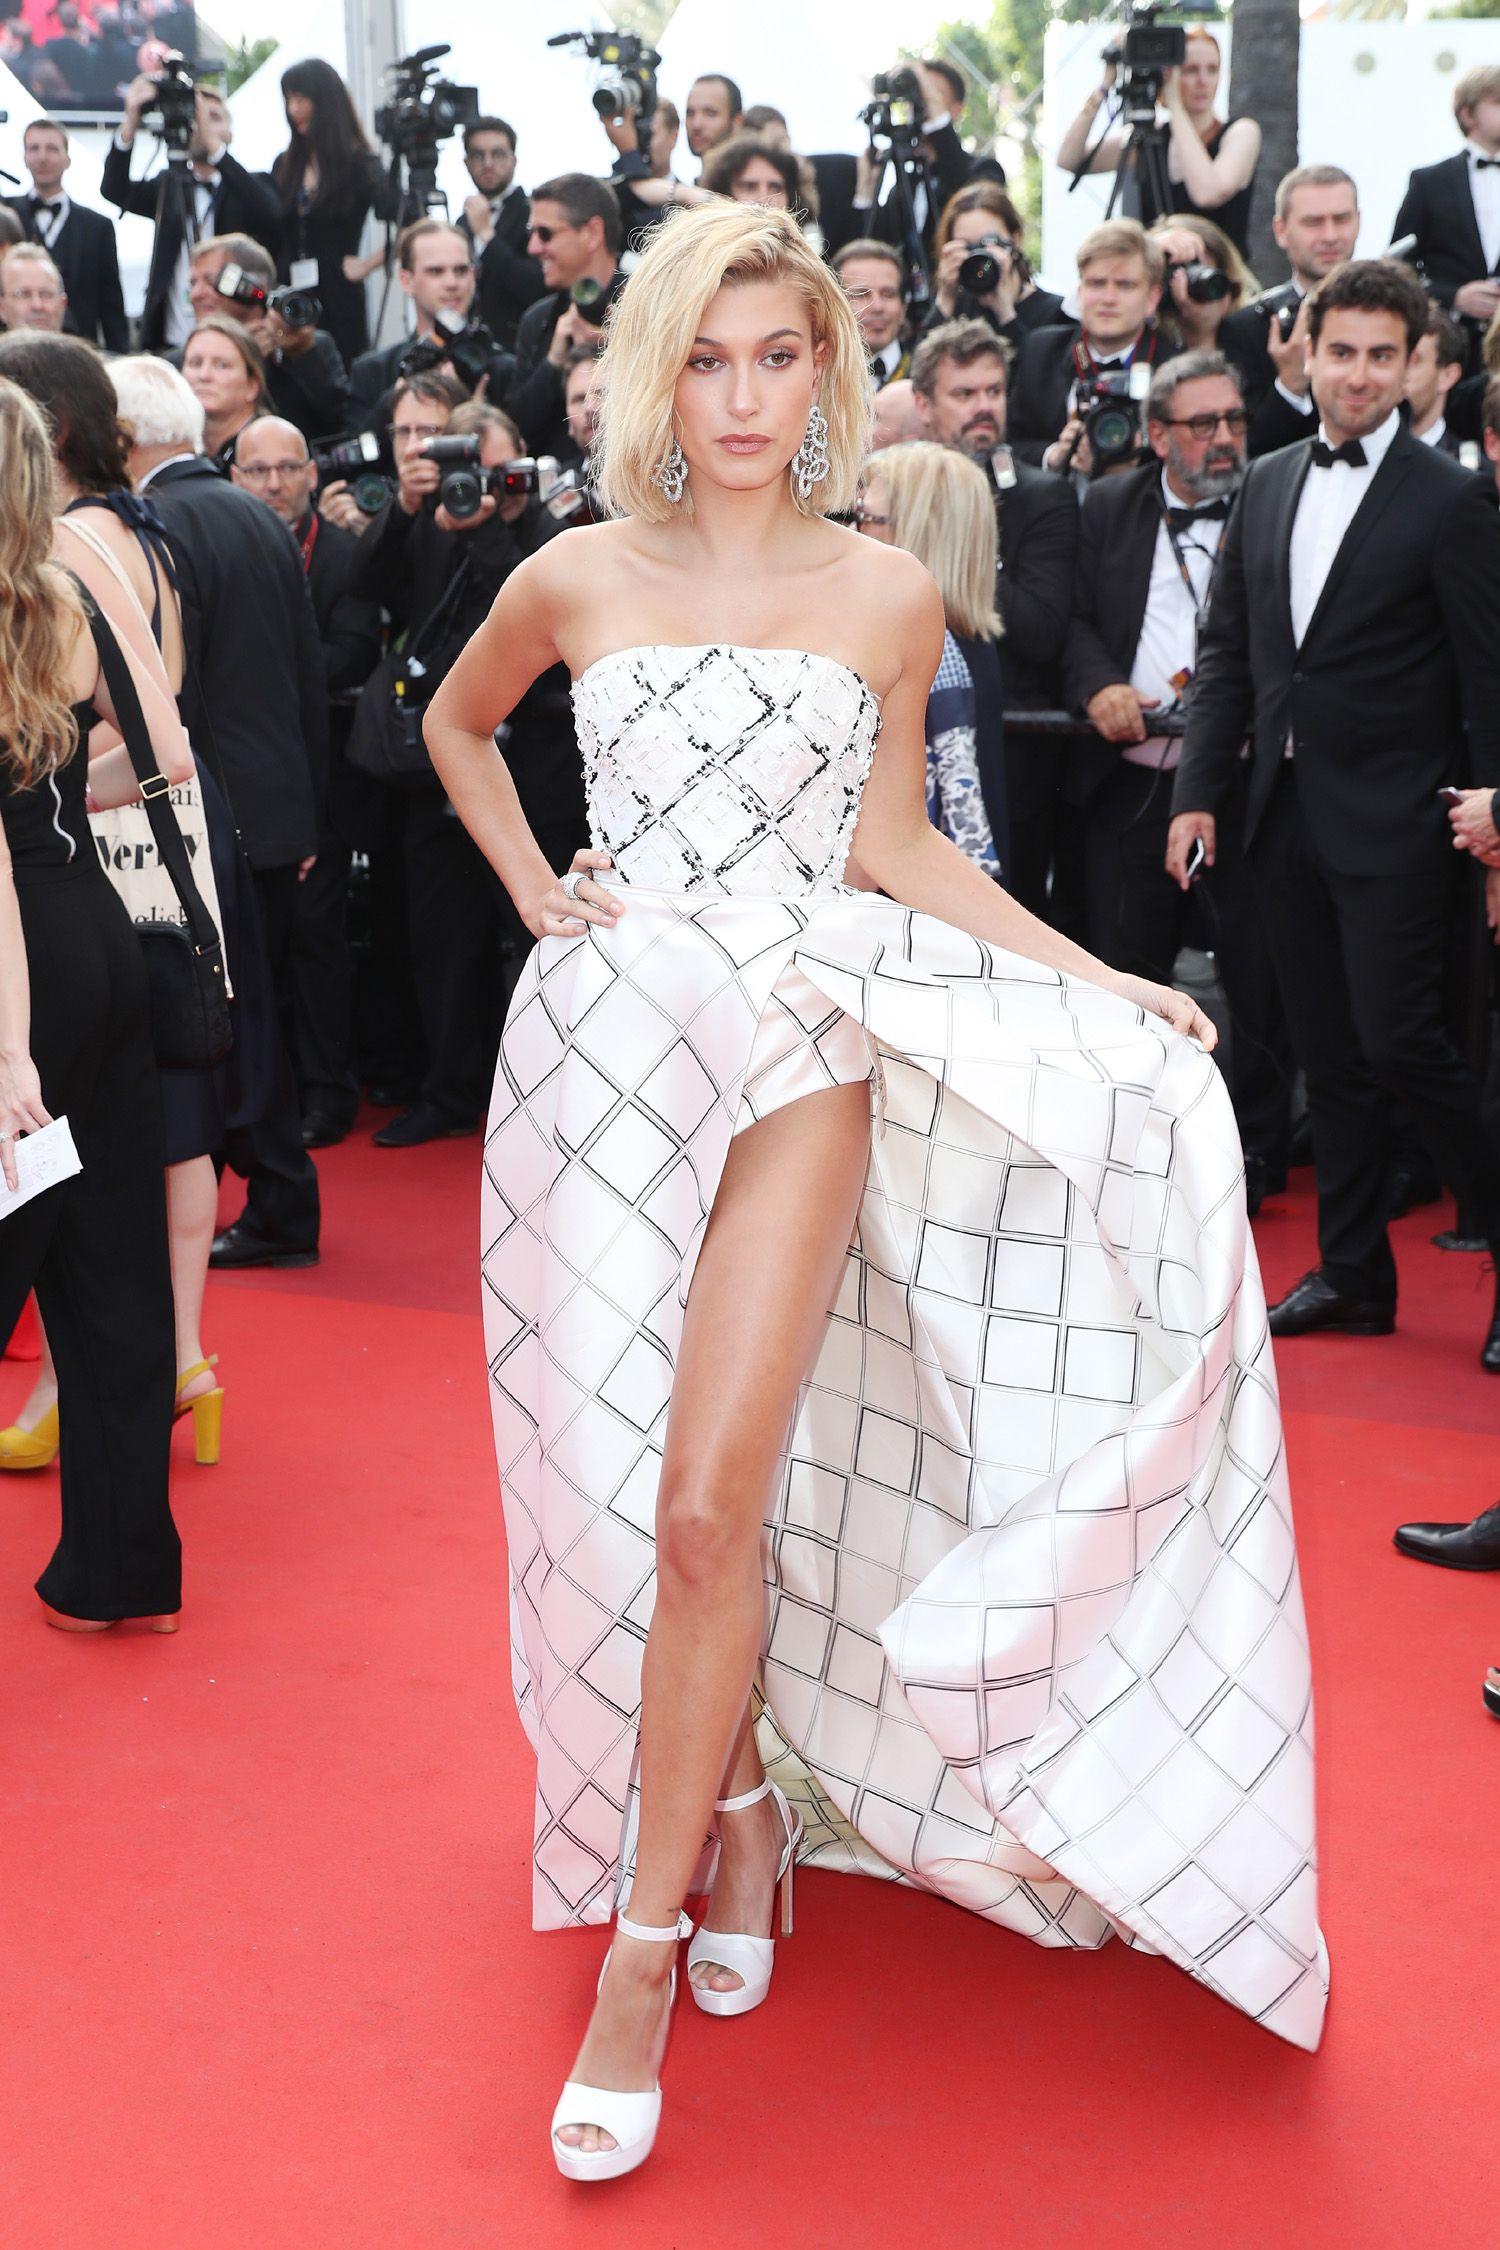 Lingerie combinando com vestido leva fenda ao extremo no red carpet